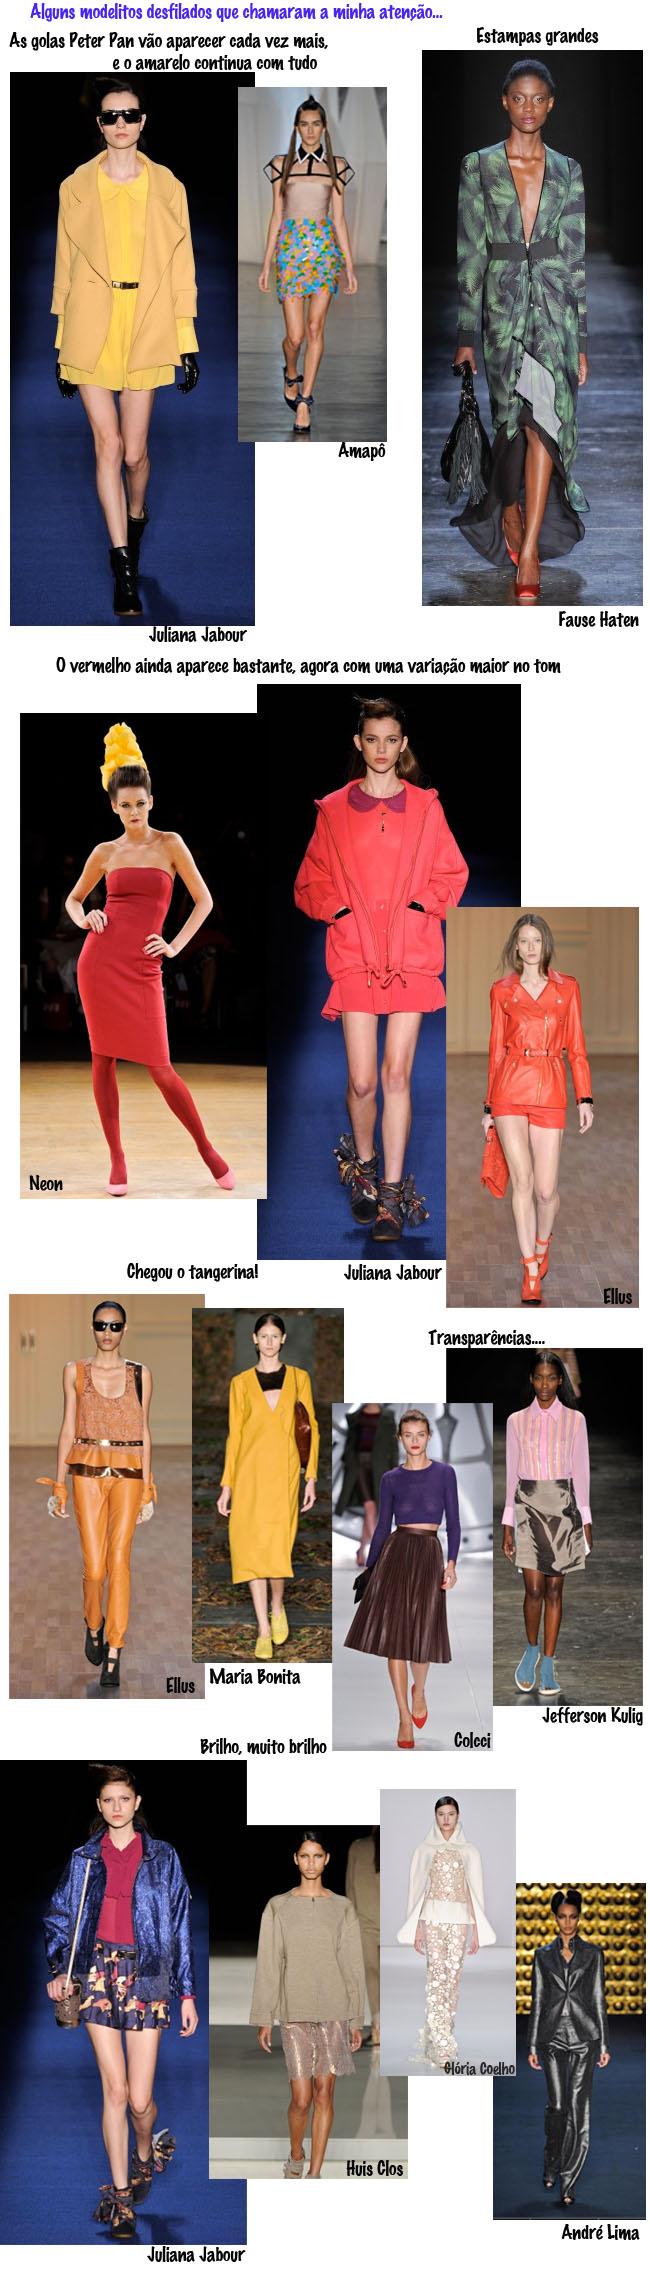 desfiles SPFW, QG Fhits, semana de moda de Sãp Paulo, como usar brilho, o que desfilou na passarela, brilho, casaco de brilho, como usar tangerina, transparencias, jaqueta vermelha